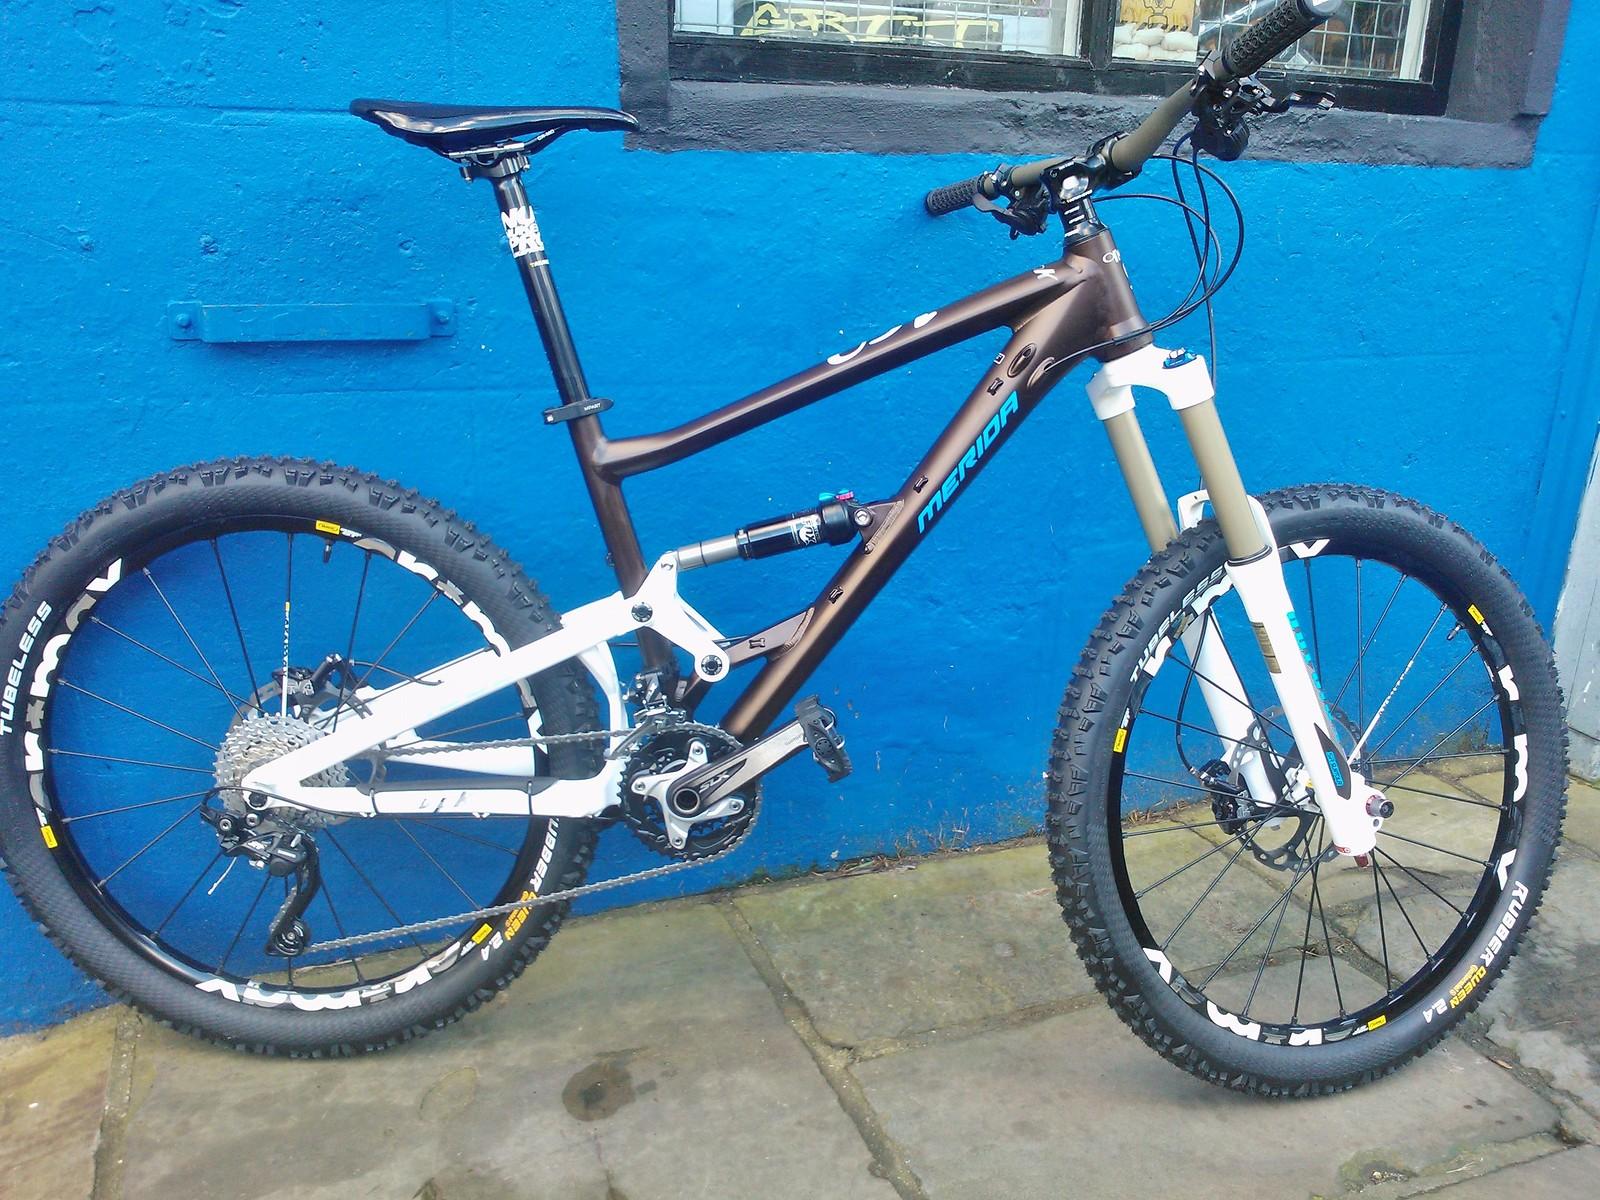 The full bike